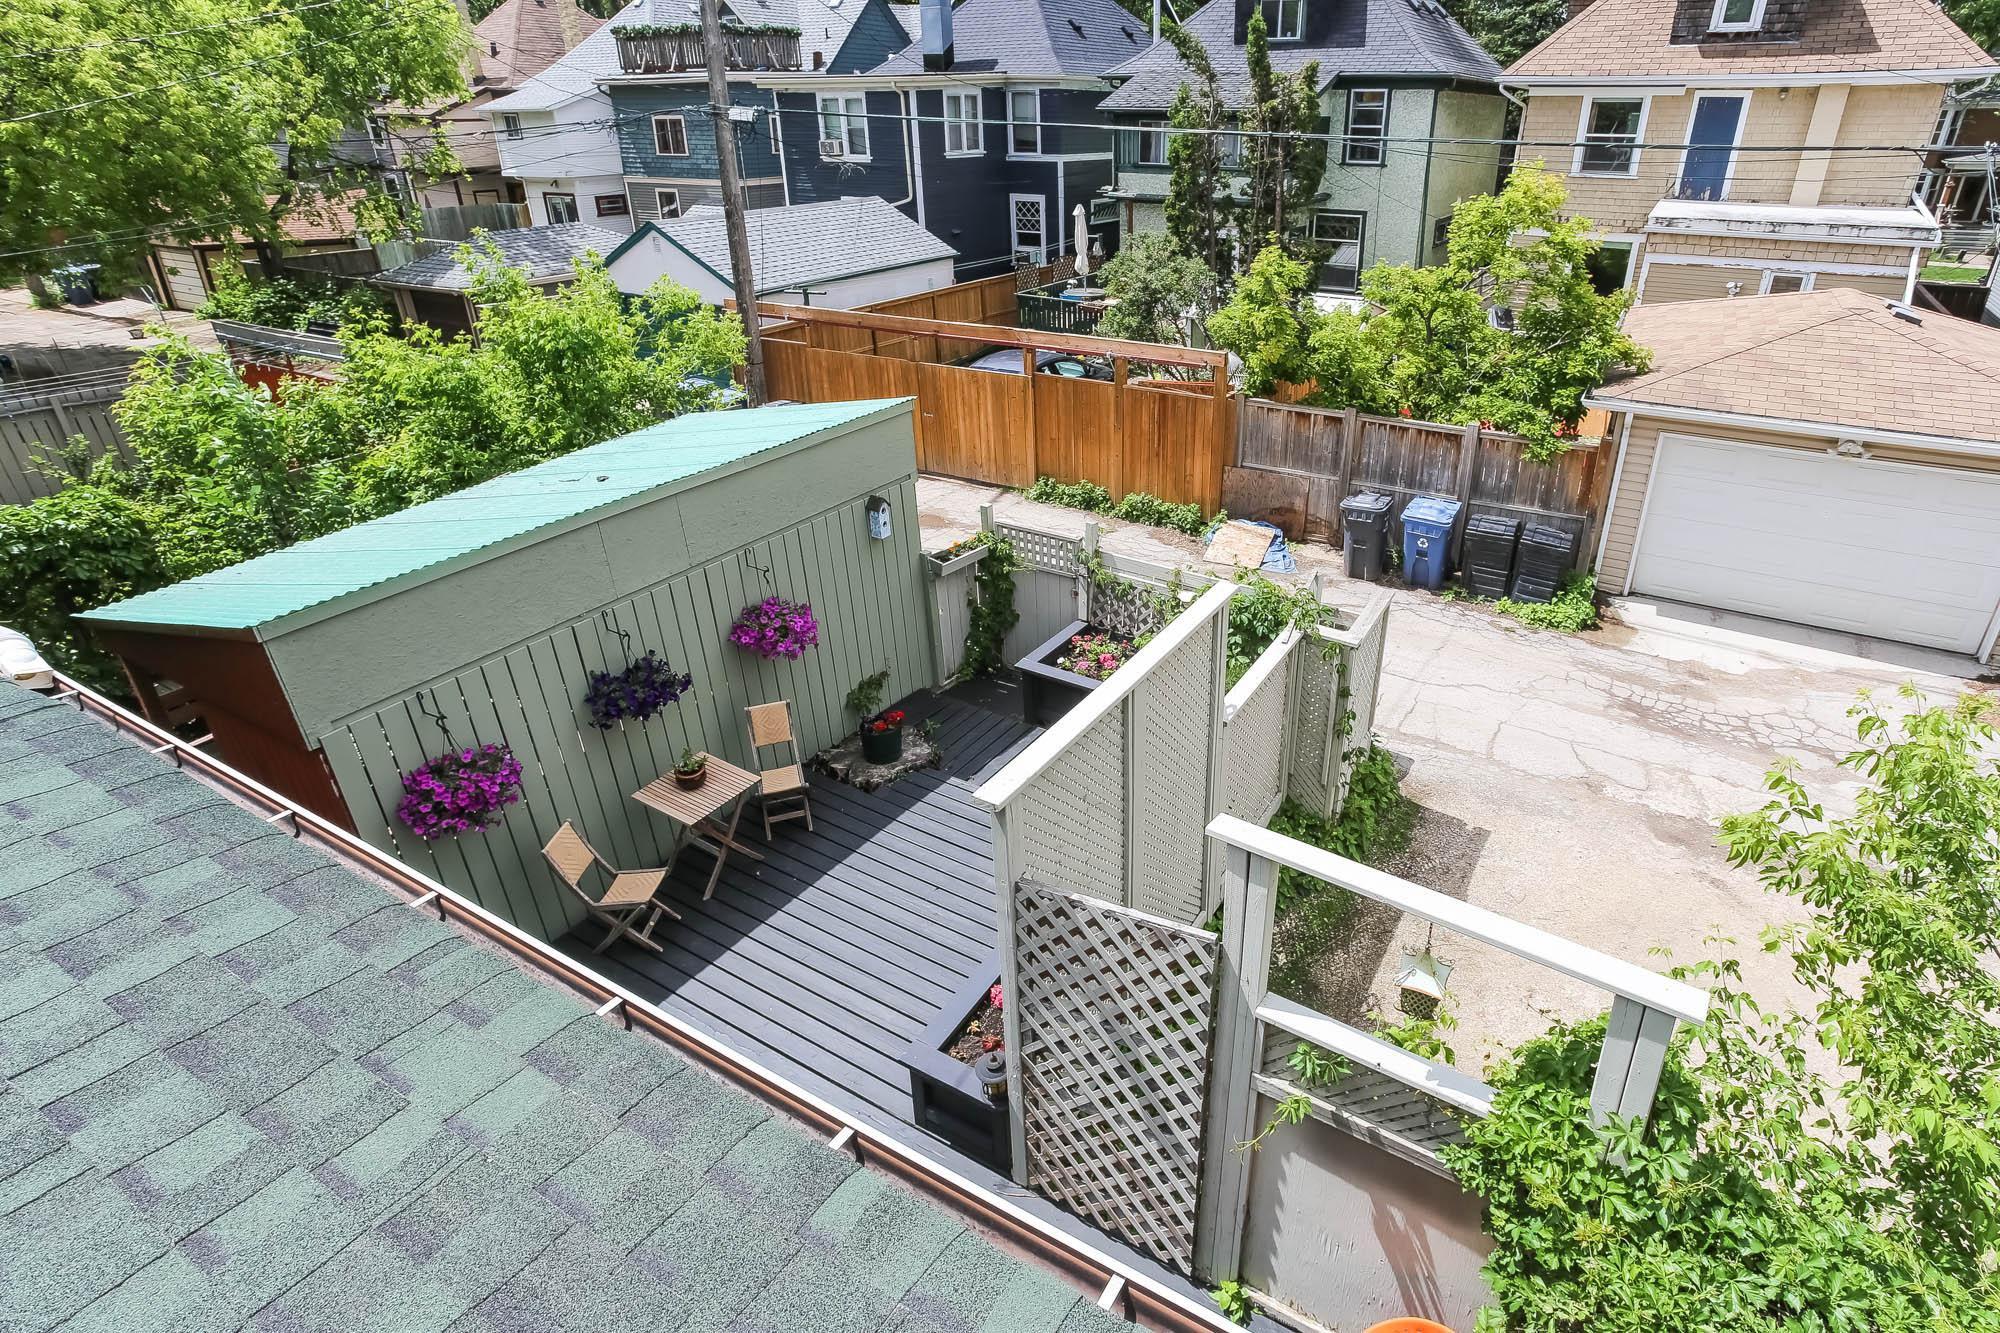 Photo 33: Photos: 108 LENORE Street in Winnipeg: Wolseley Single Family Detached for sale (5B)  : MLS®# 202013079